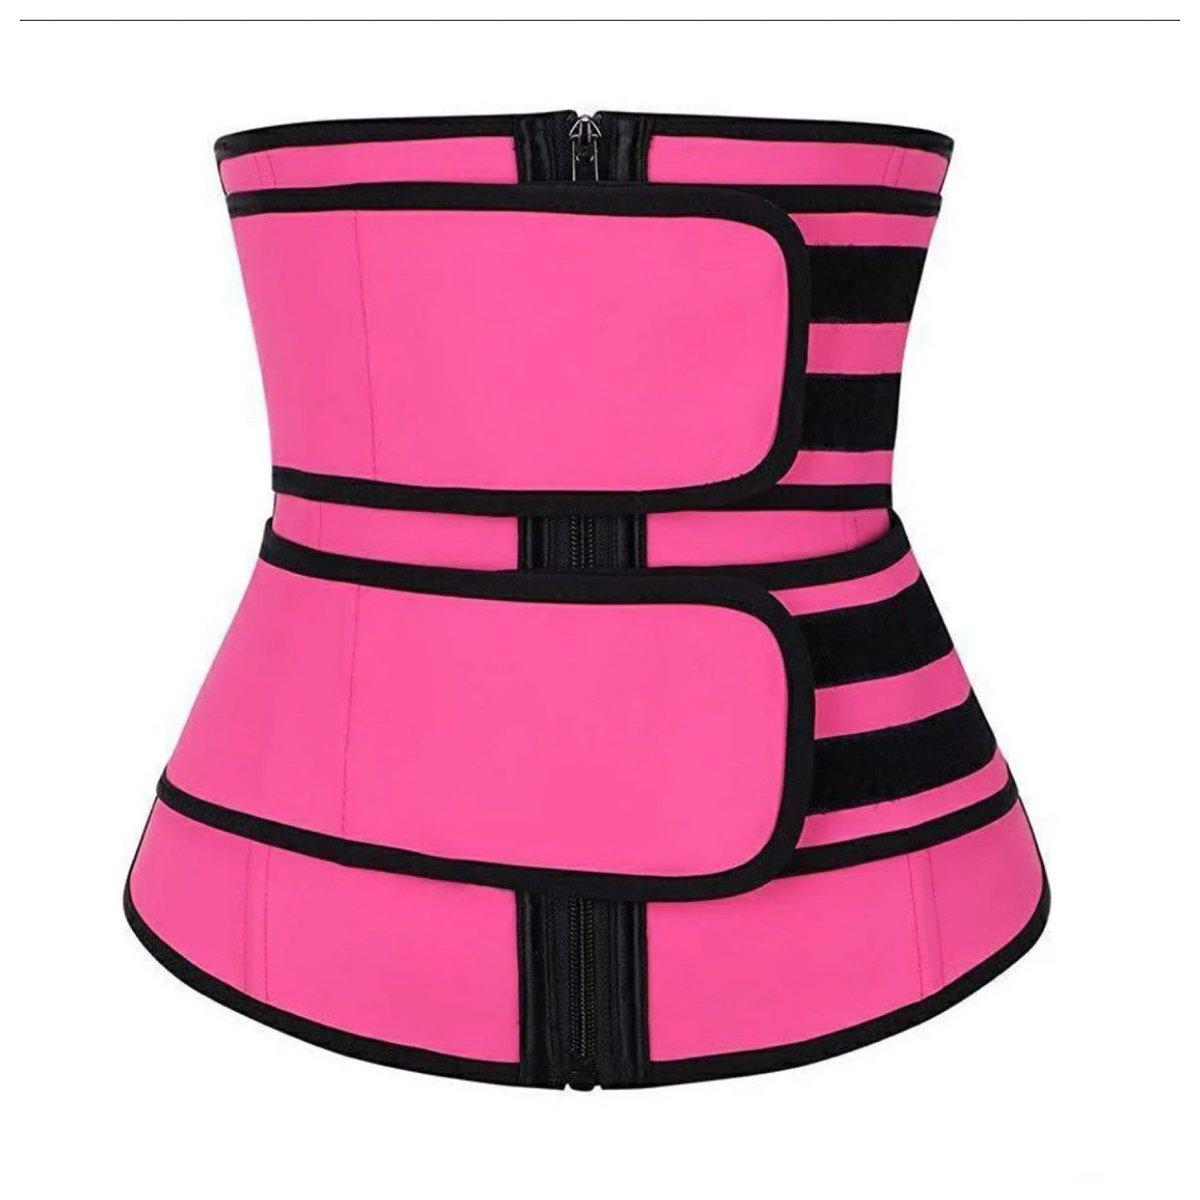 Women Waist Trainer - Double Straps - Pink/Black